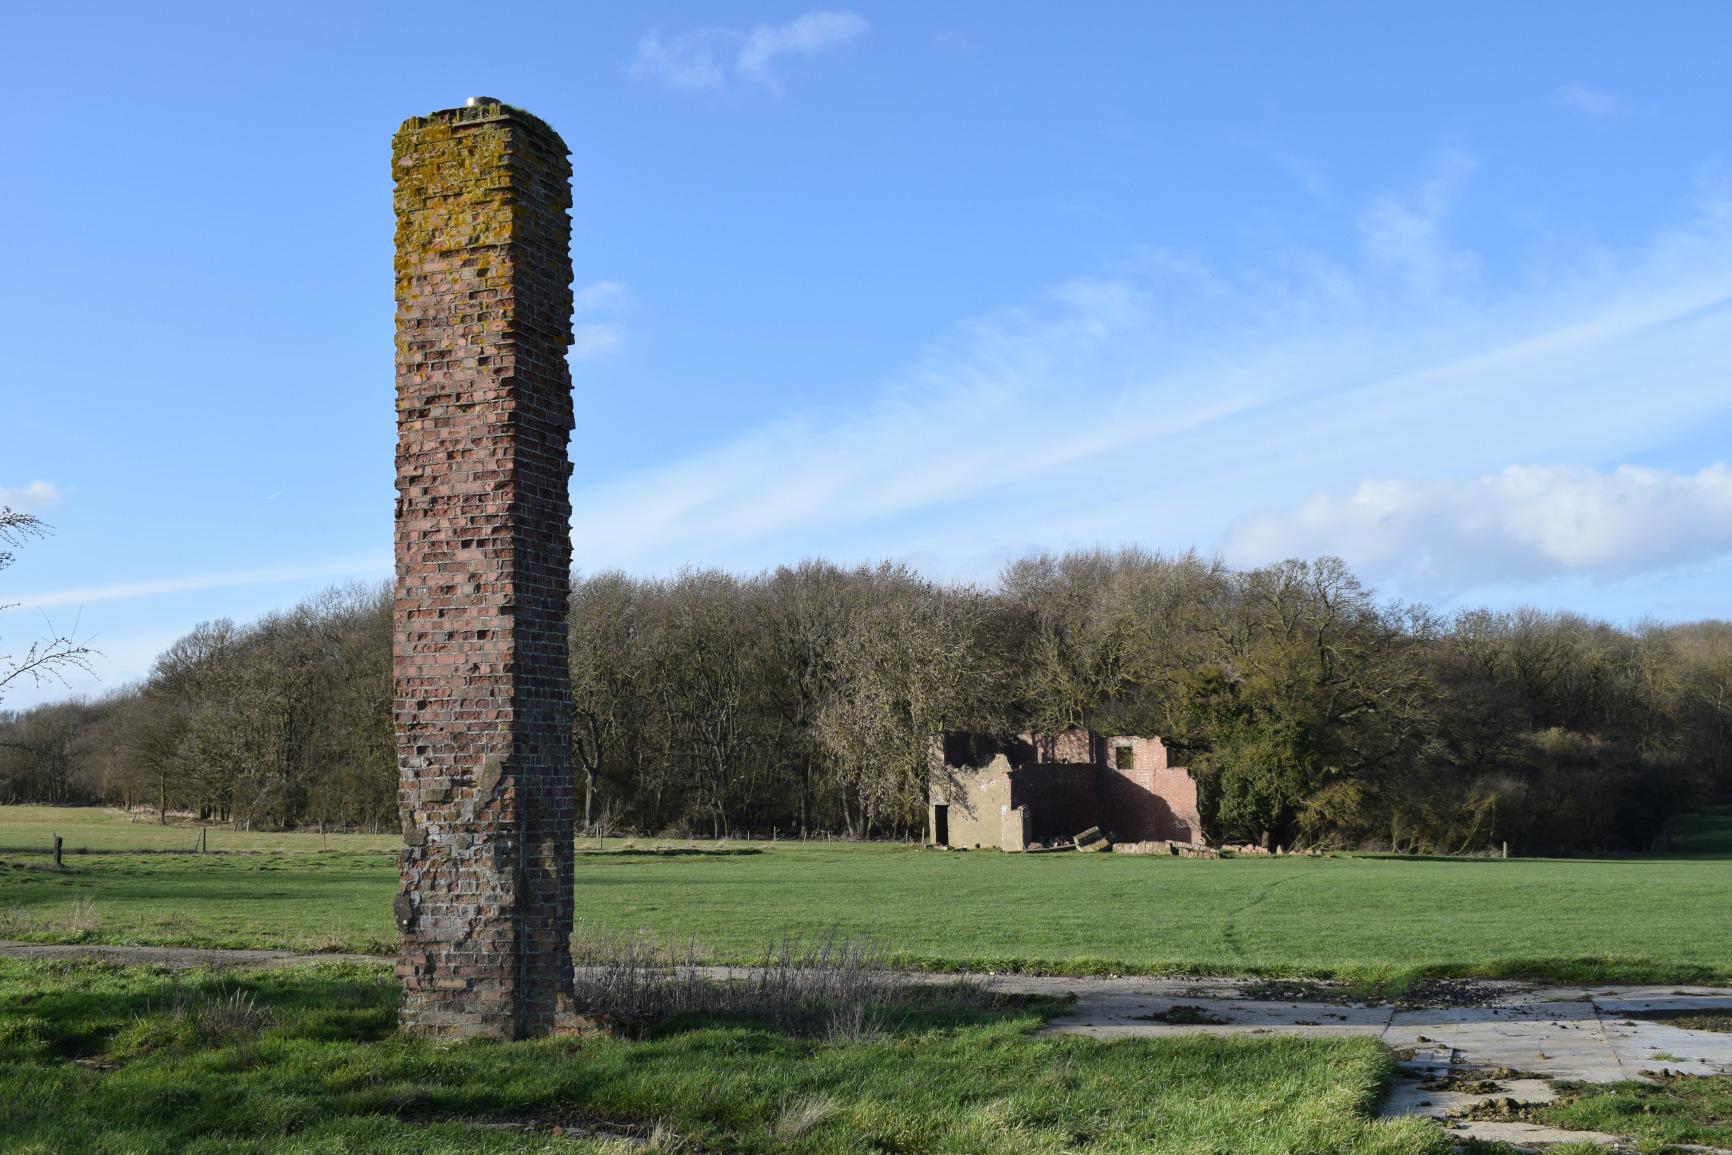 RAF Woolfox Lodge Lone chimney, Greetham, Rutland